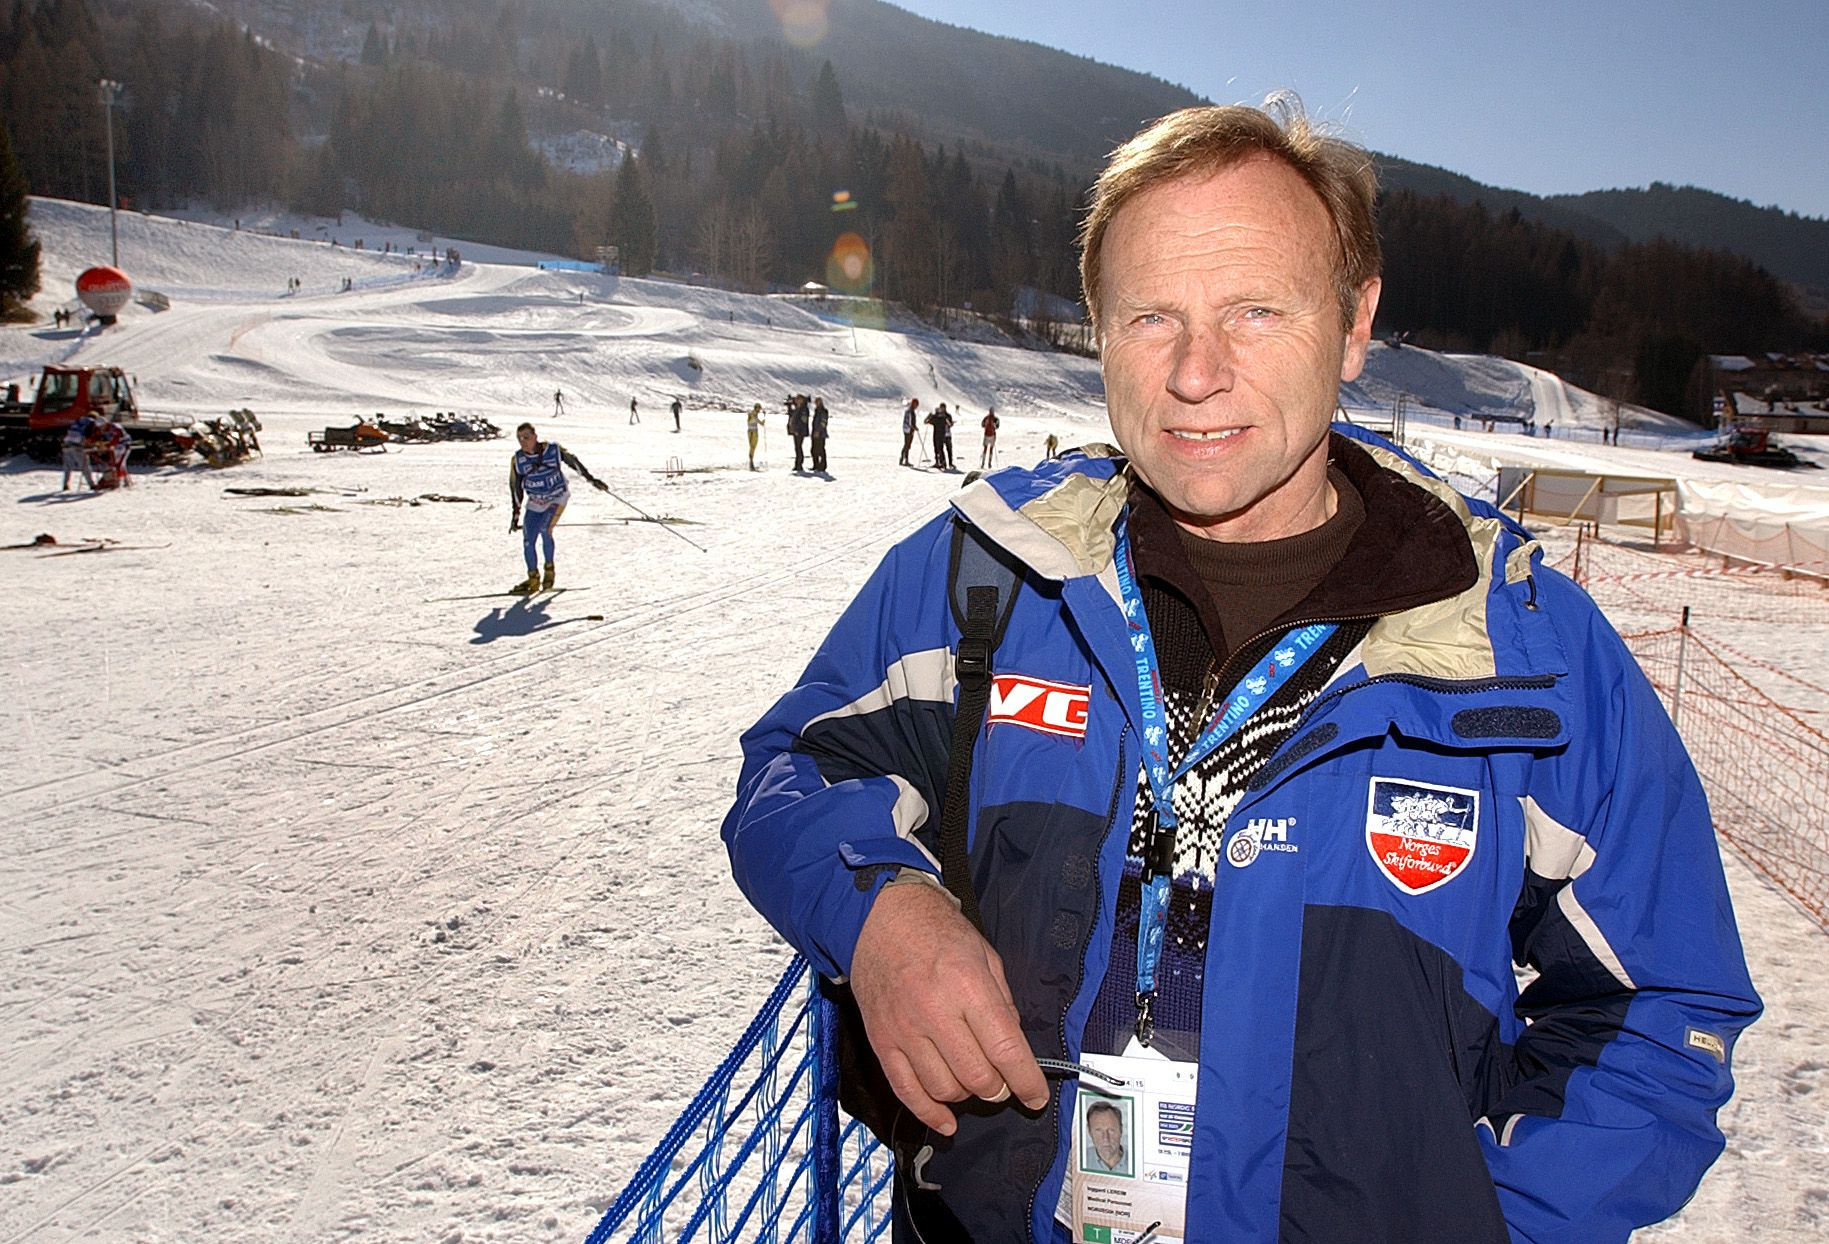 SKI-LEGE: Inggard Lereim reagerer voldsomt på at Norge tilbyr astmamedisin til friske langrennsløpere.